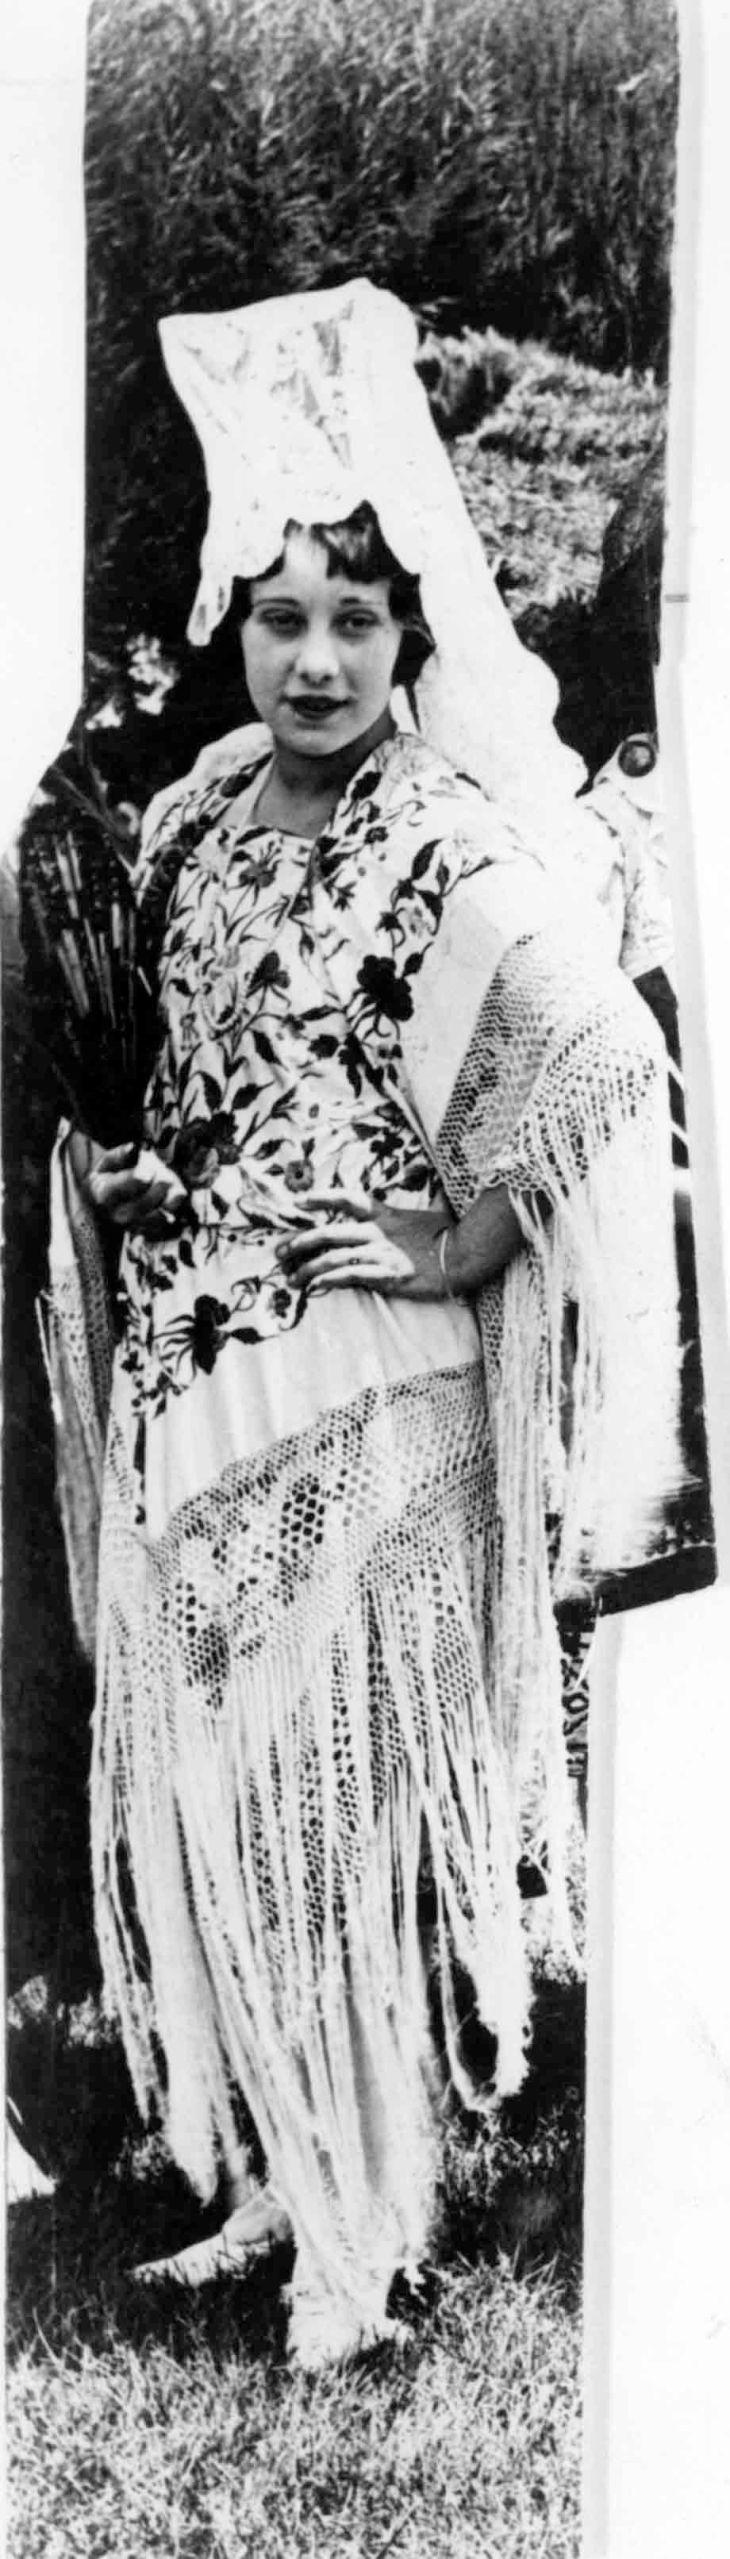 Agnes Temple ca 1922 94.11.1.57